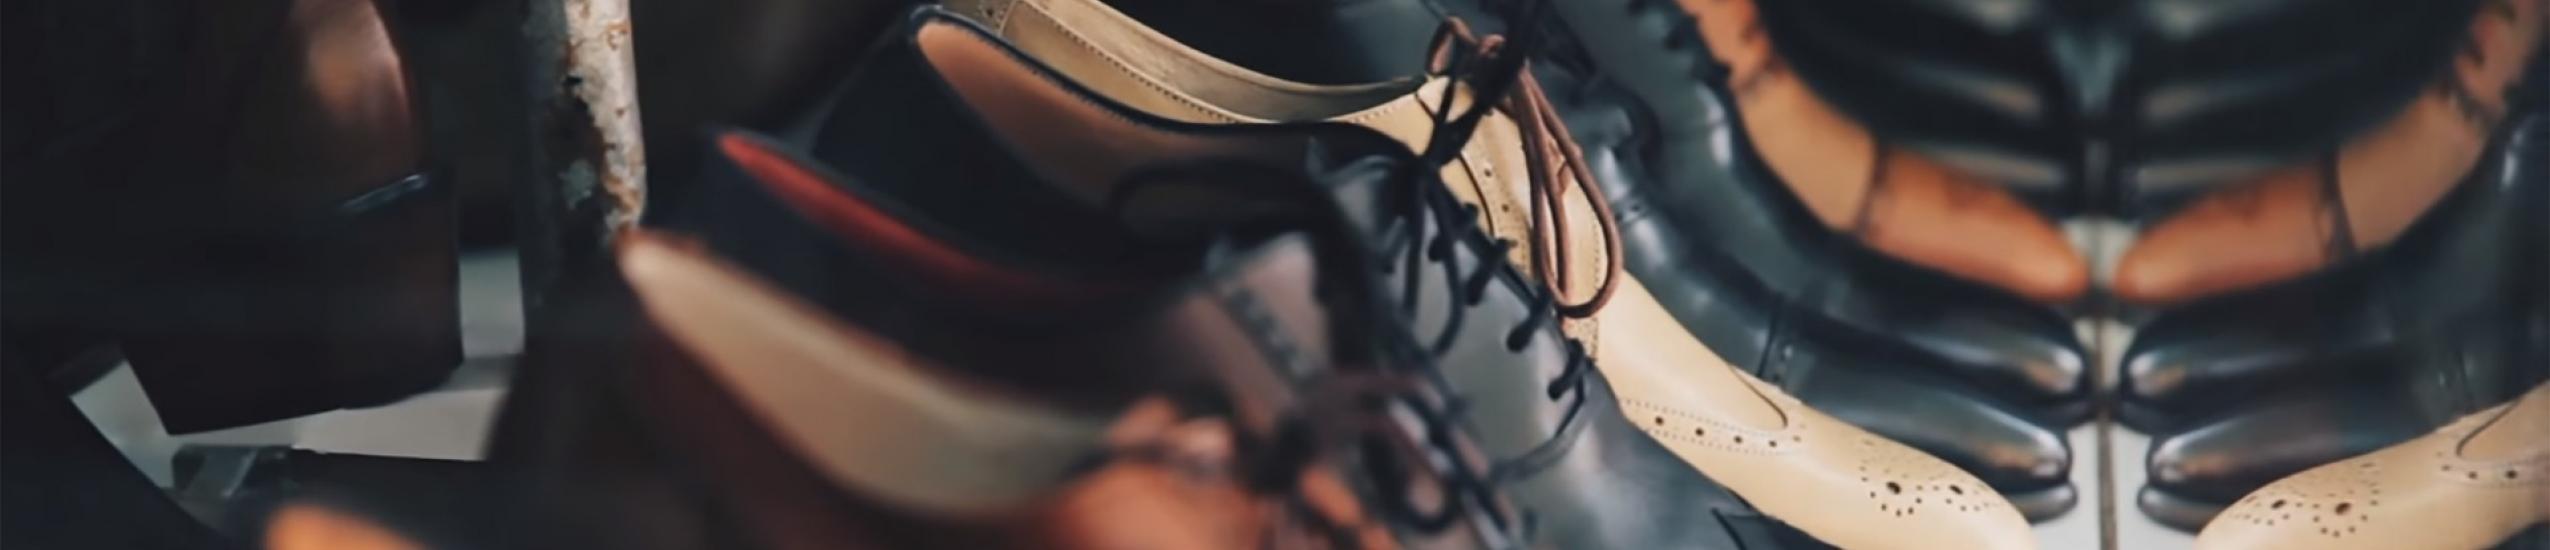 Istruzione e formazione professionale » Operatore delle calzature